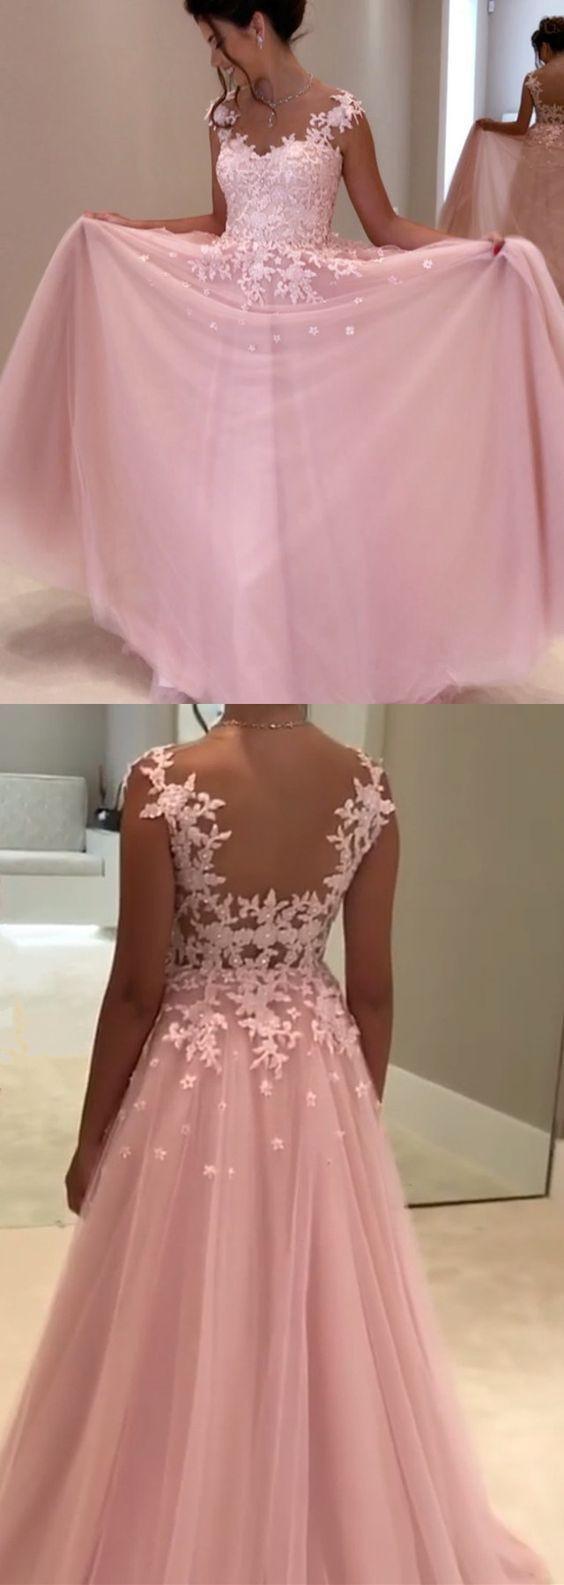 17 Schön Abendkleider Rosa für 2019Formal Erstaunlich Abendkleider Rosa Boutique